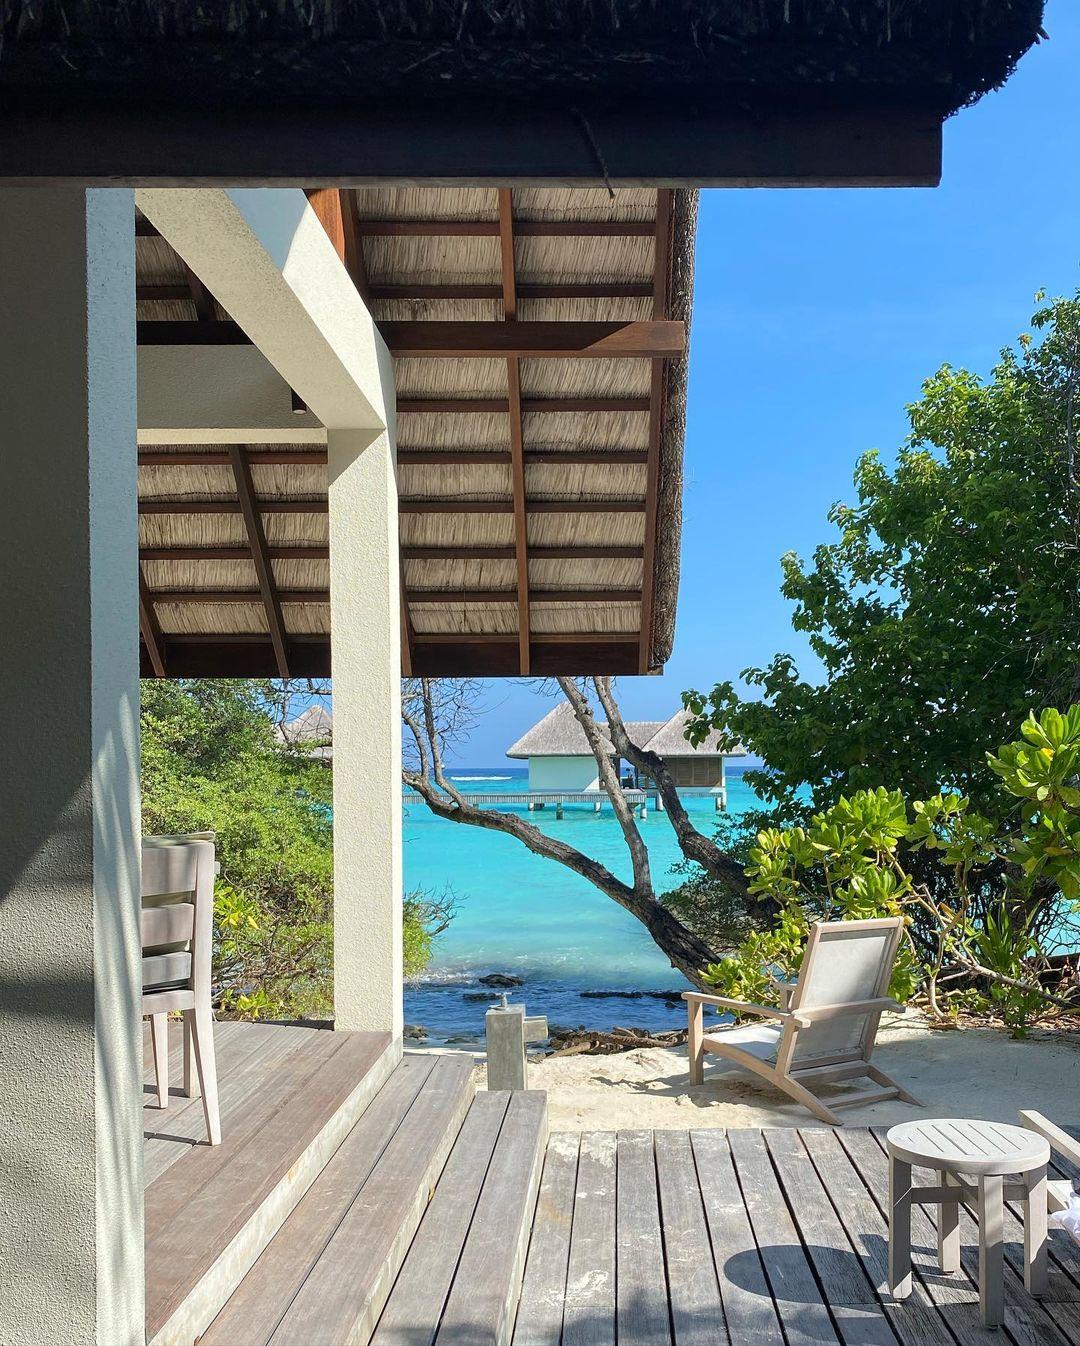 Work and travel: Дима Монатик с женой, и артистками Lida Lee и Нино Басилаей улетели на тропические острова